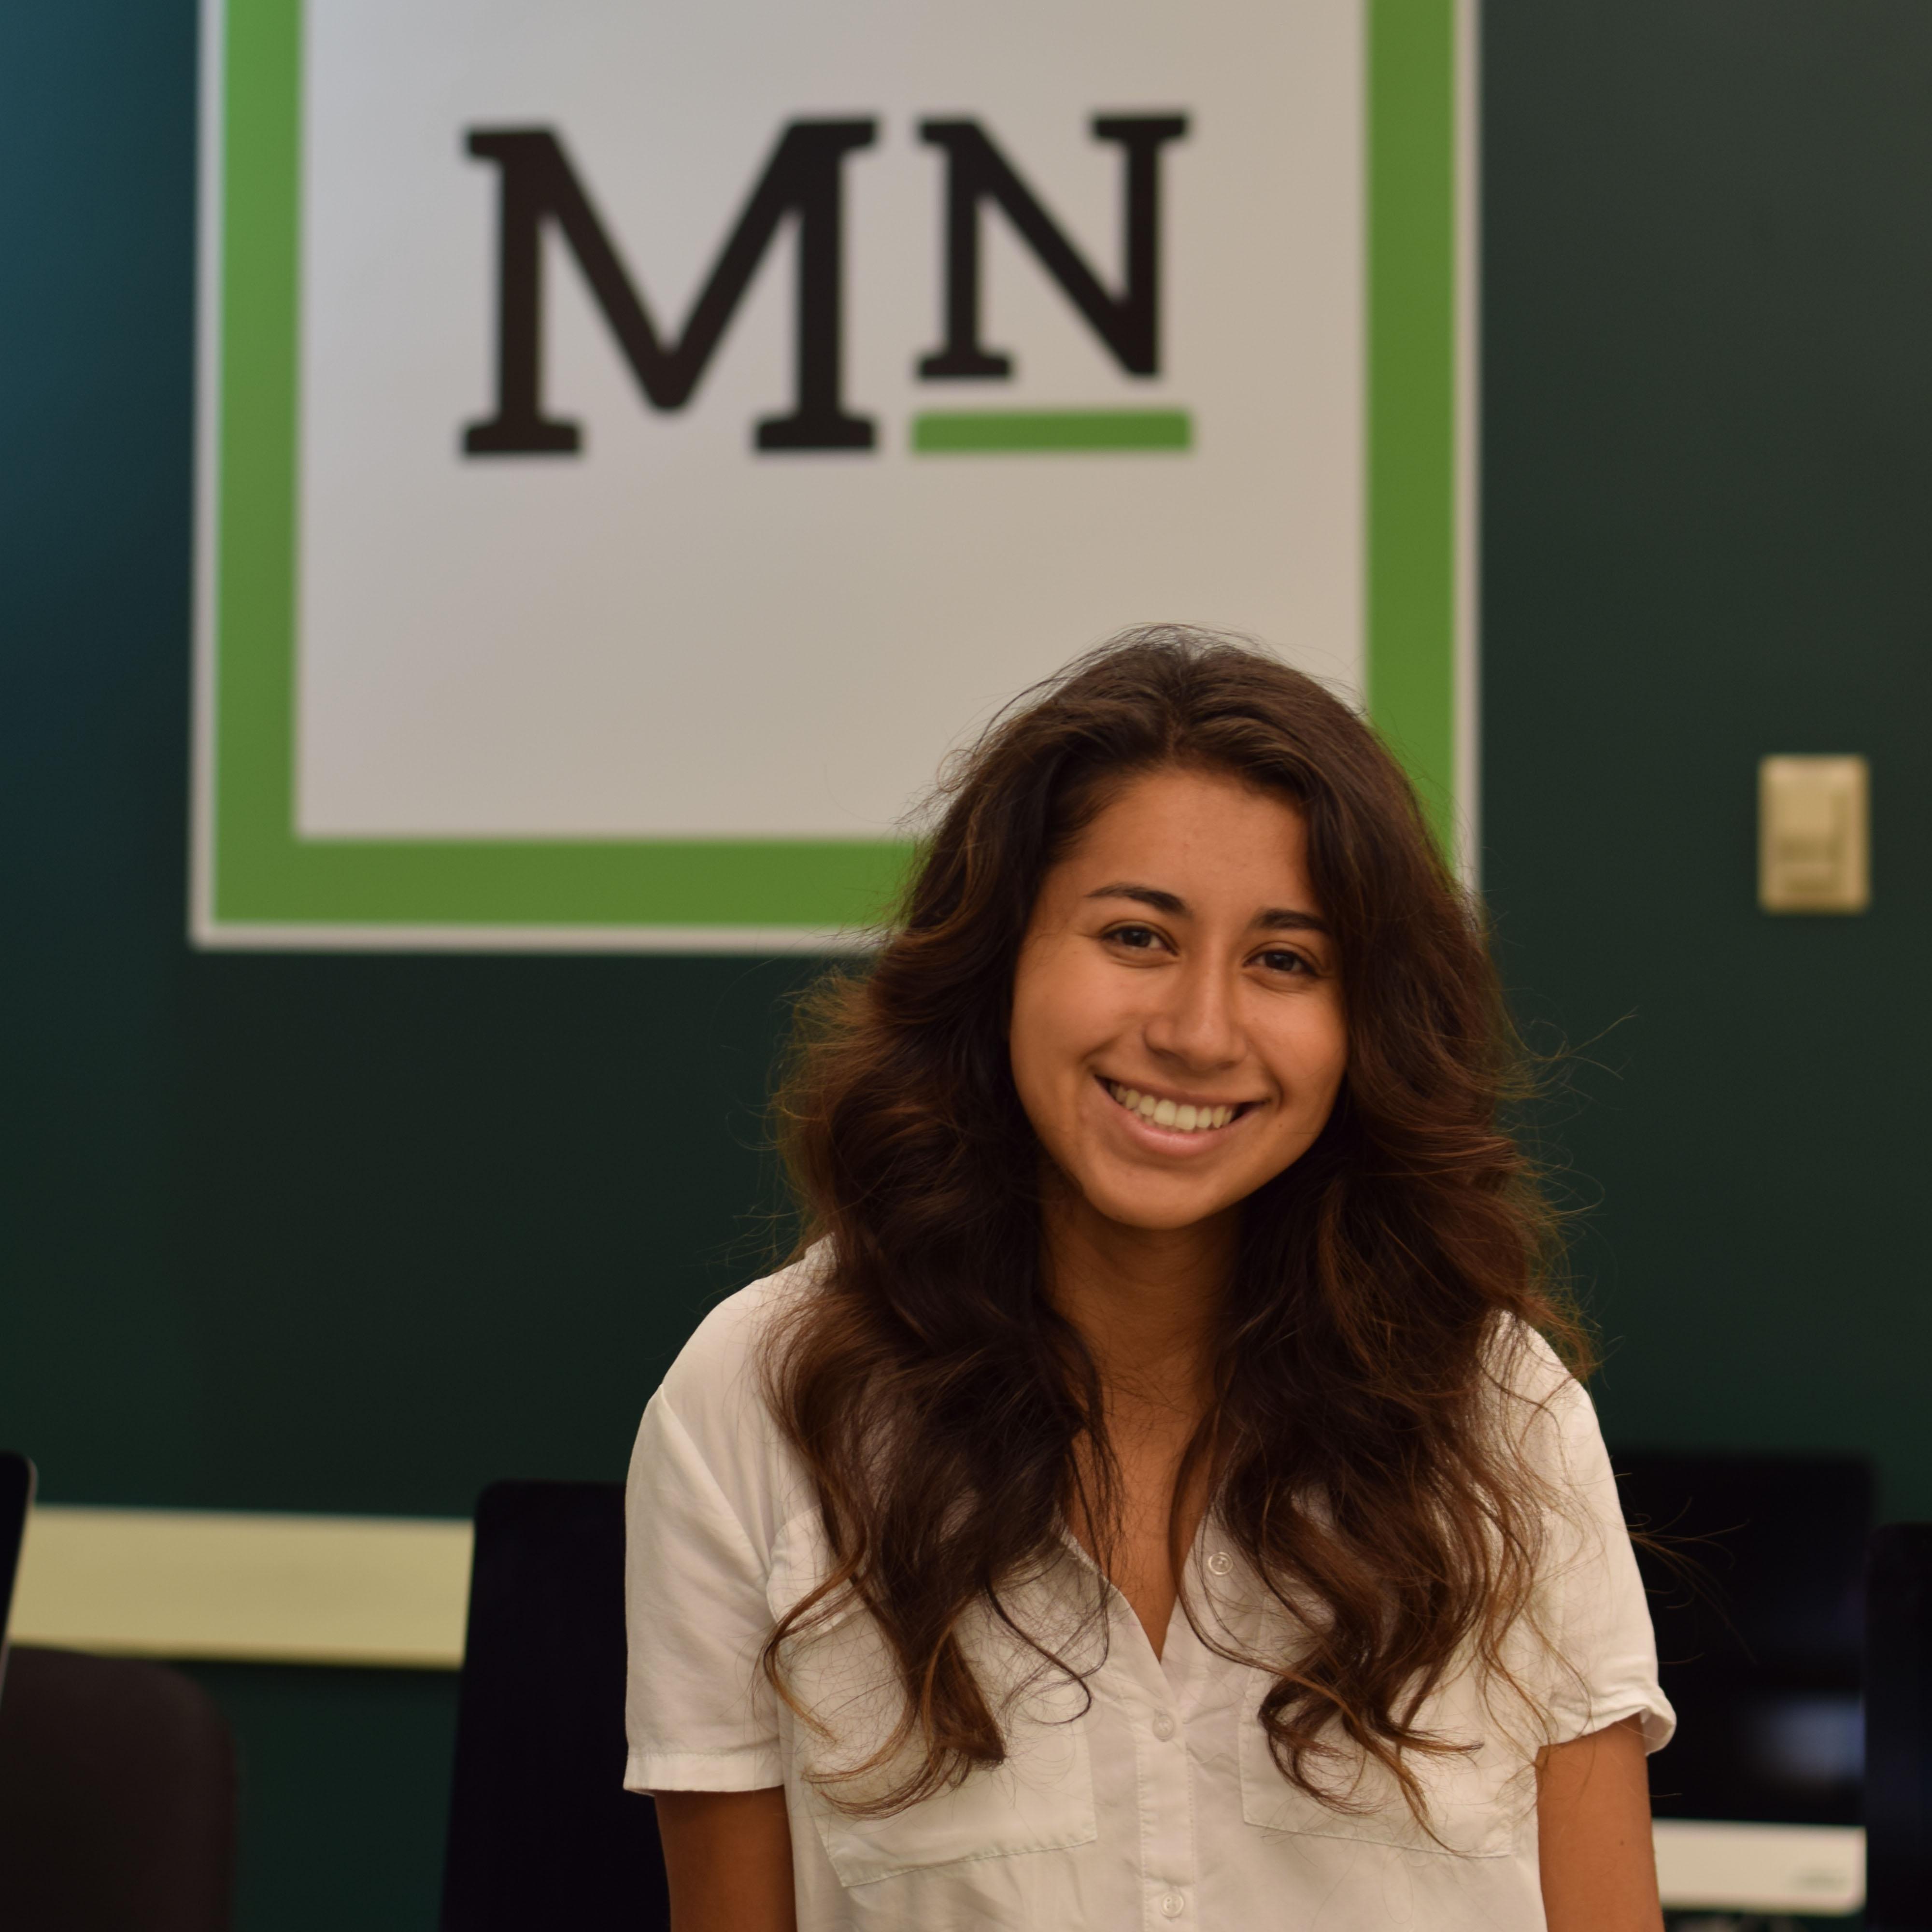 Journalism student Cassandra Garibay